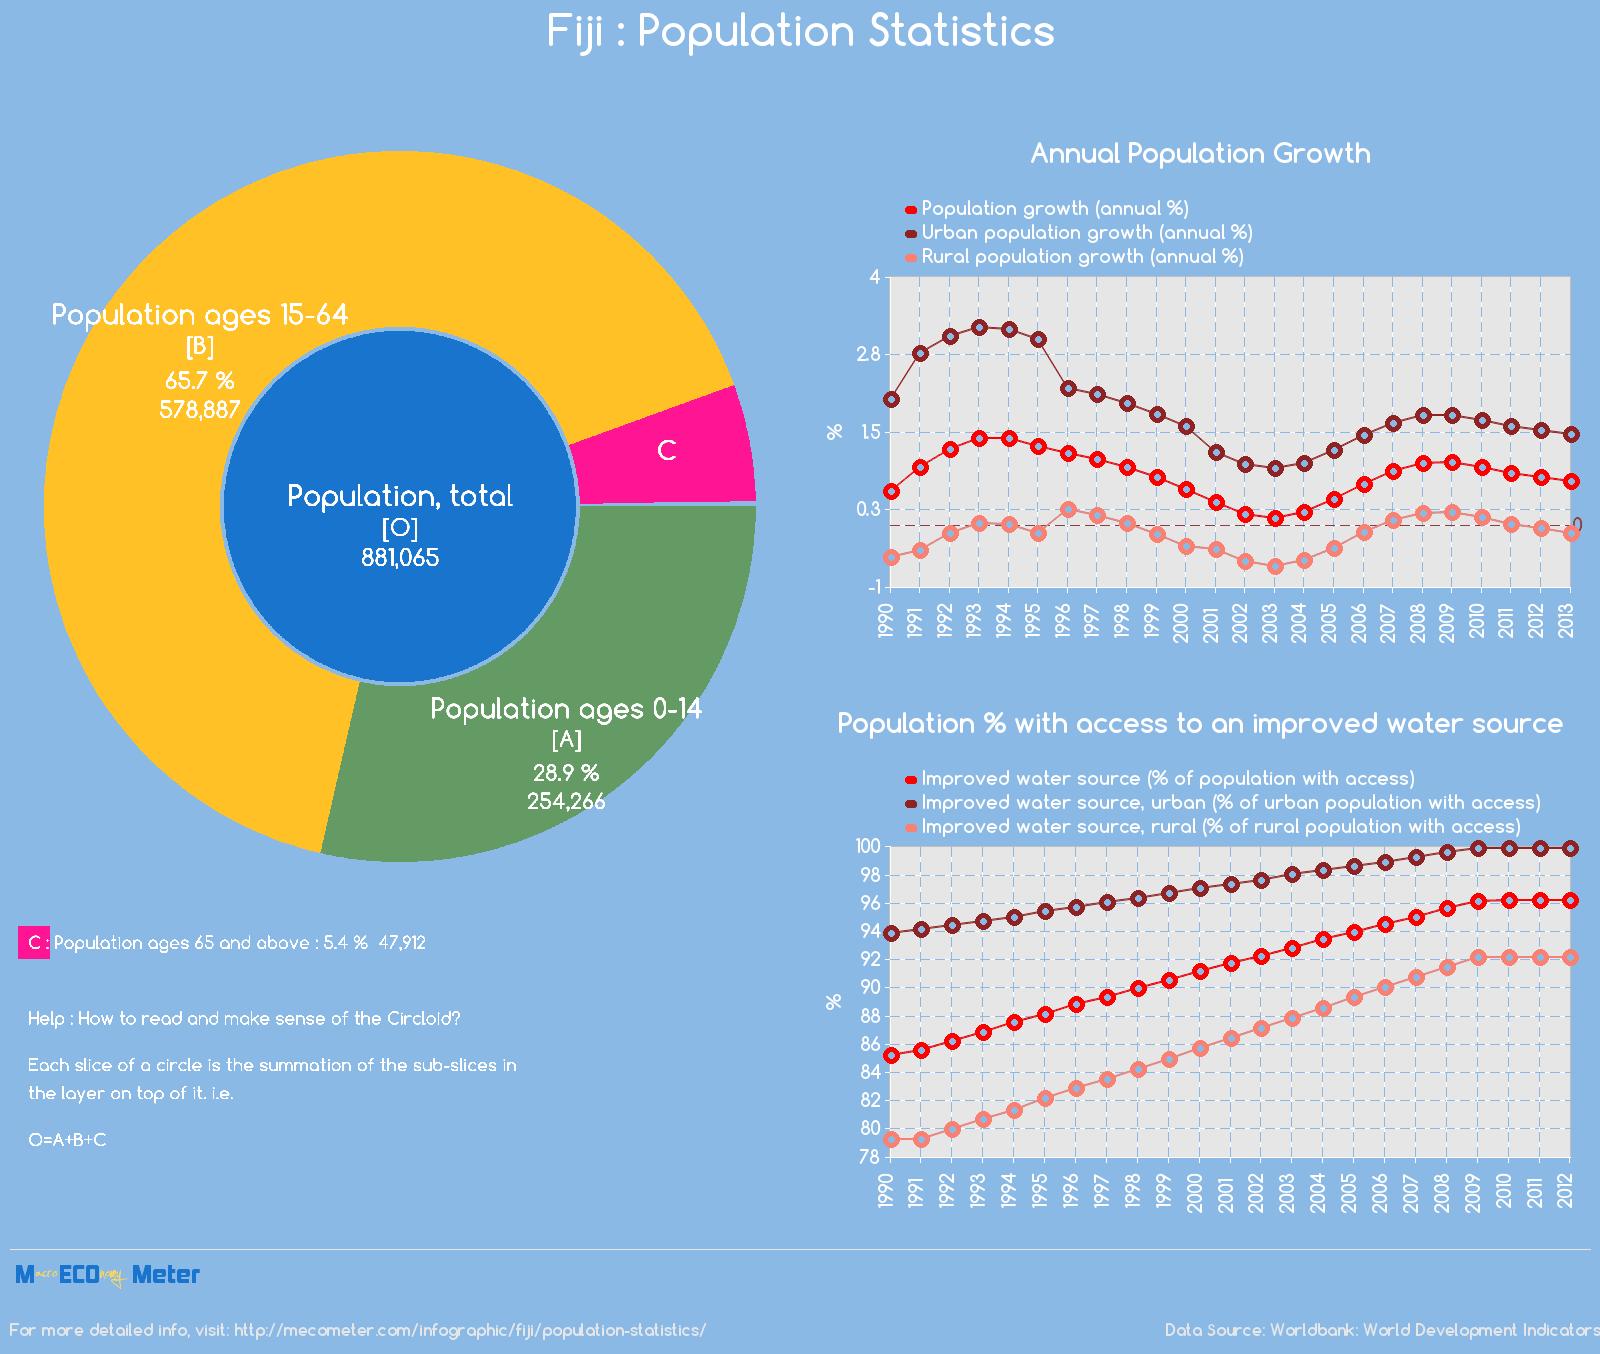 Fiji : Population Statistics